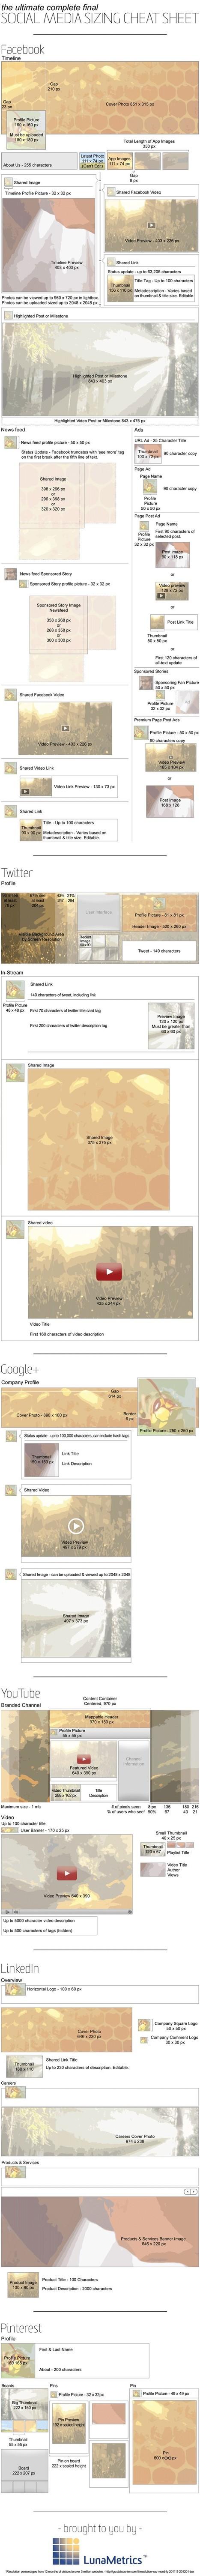 Infographie : Guide complet des formats de page sur les différents réseaux sociaux | Résociaux | Scoop.it